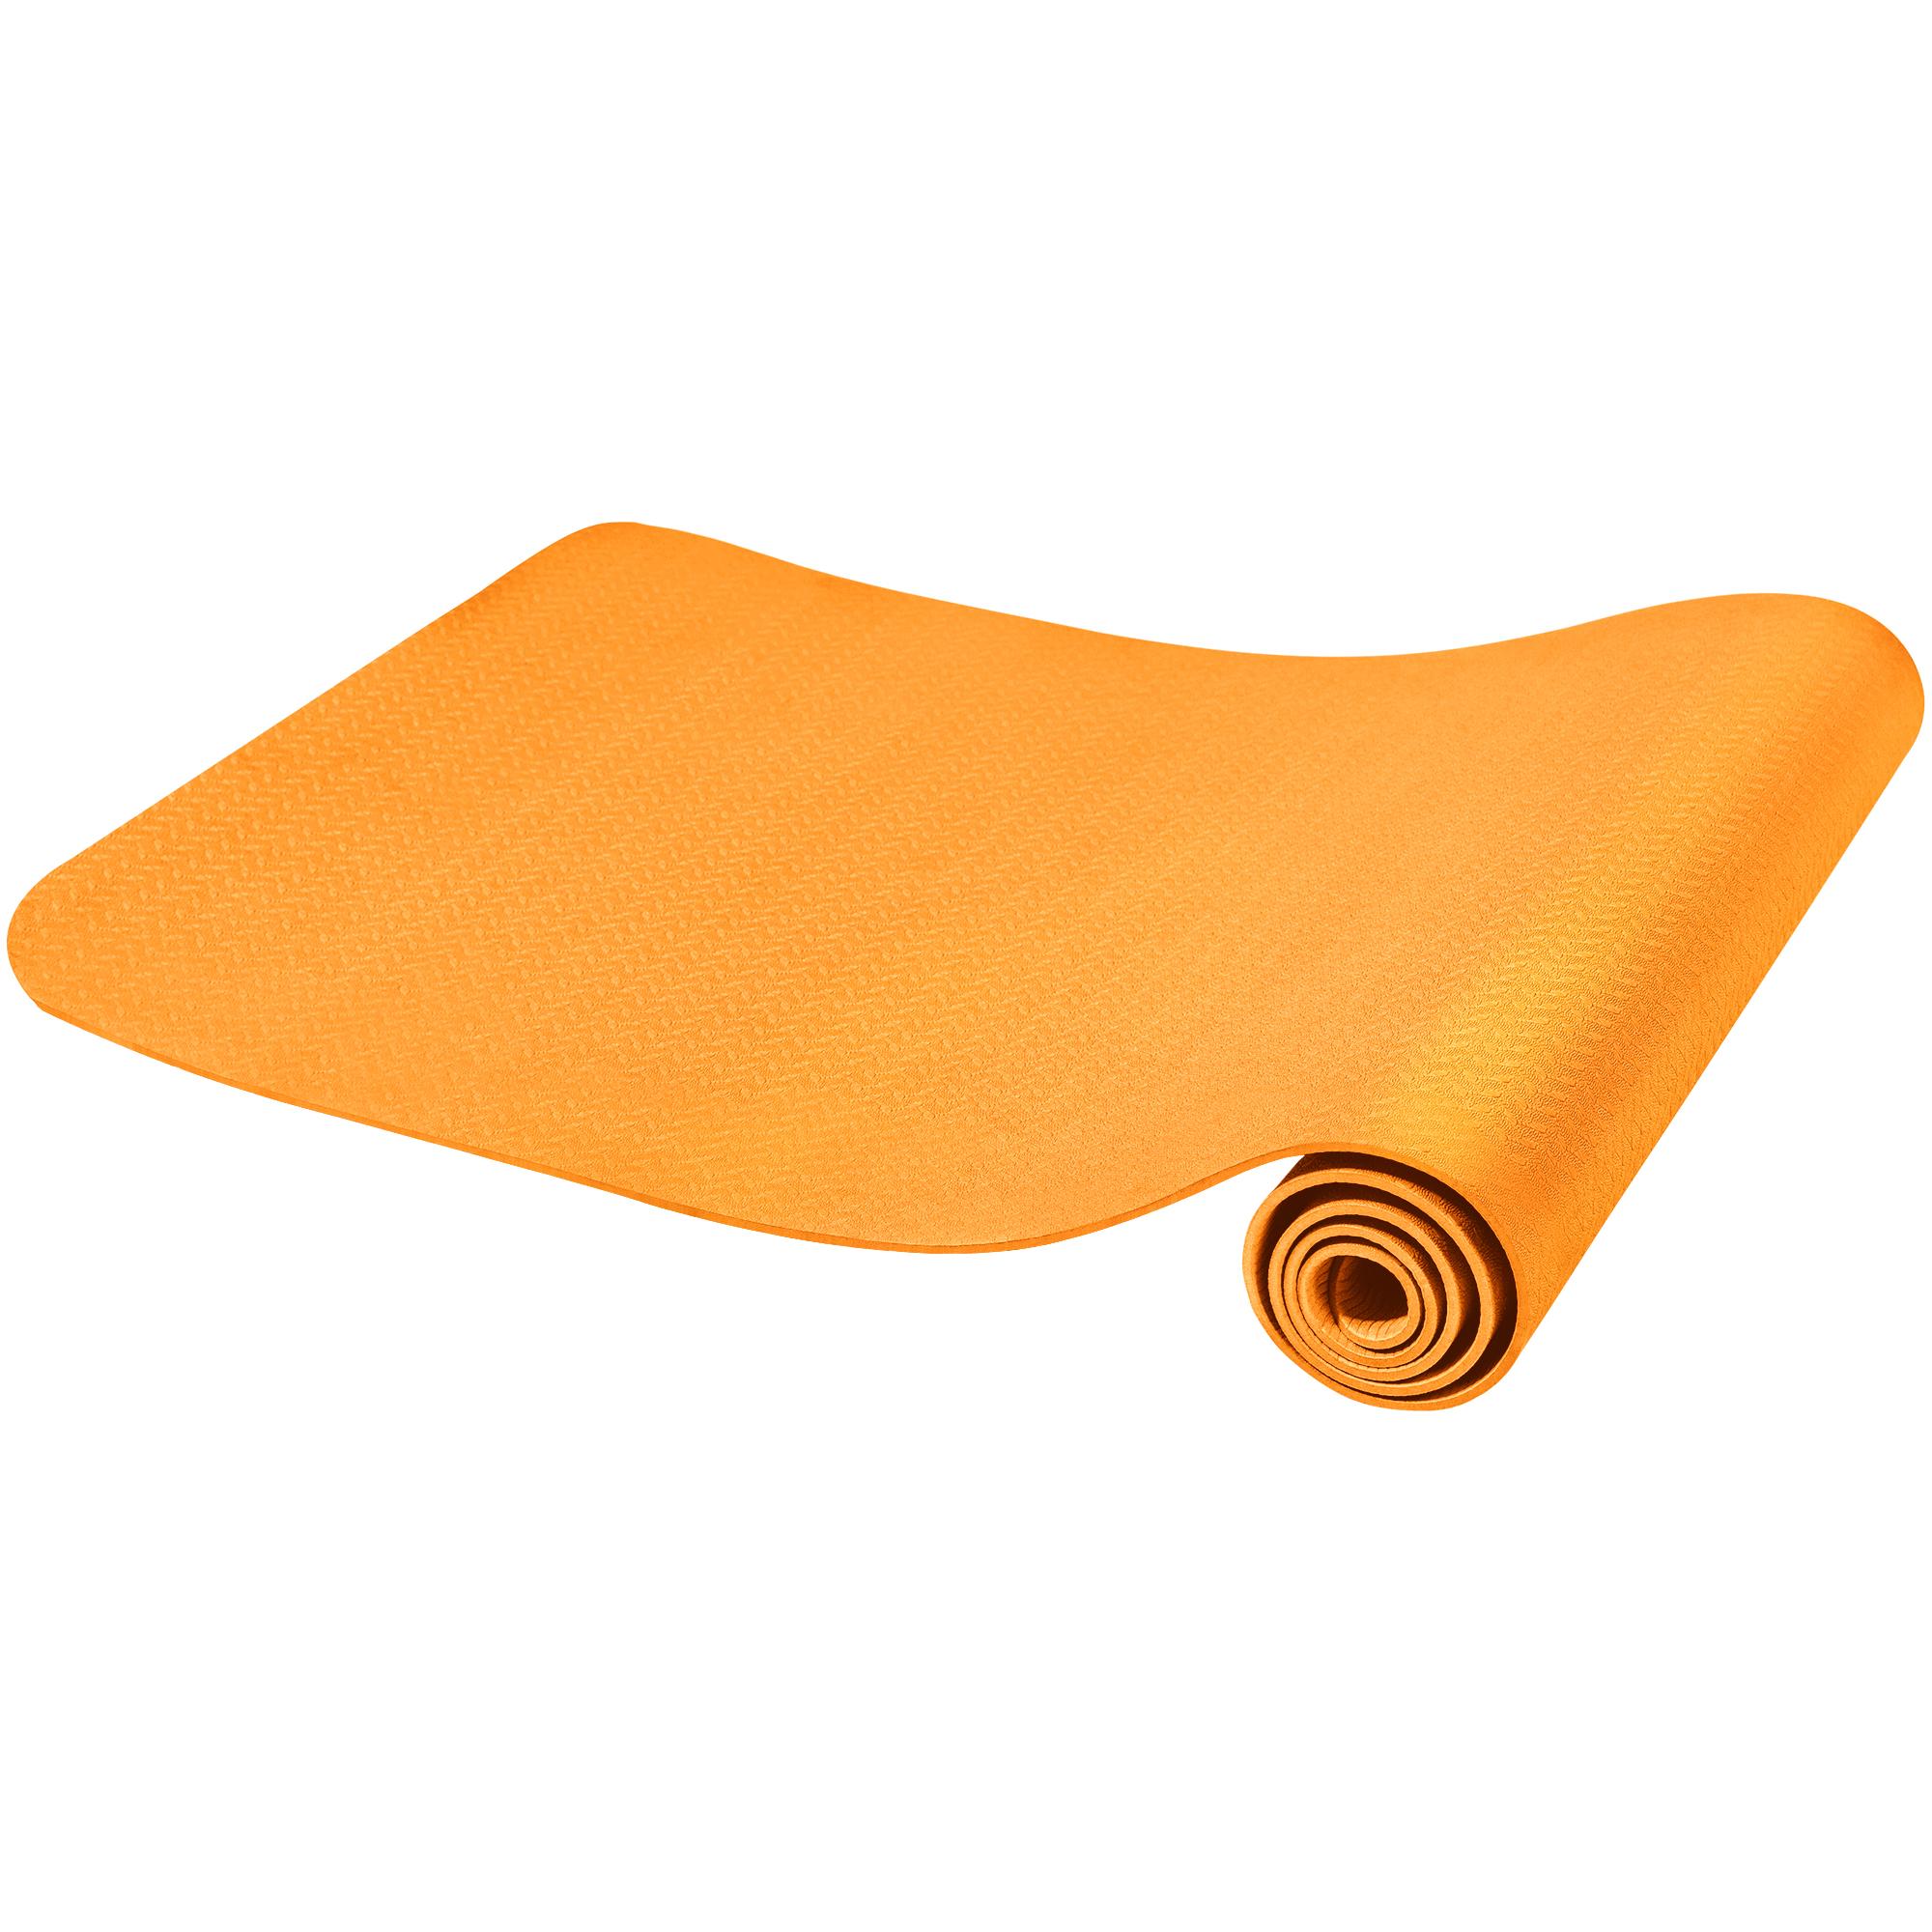 Yogamatte Dünn Orange 4 mm